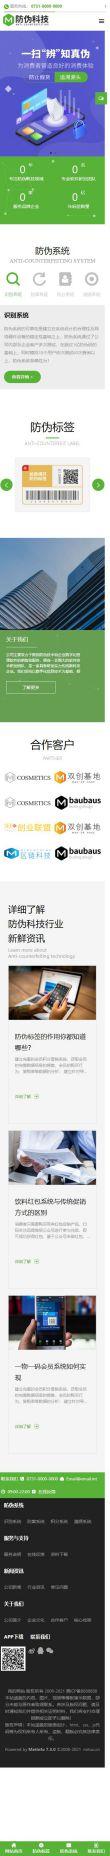 防伪科技公司网站模板,防伪科技公司网页模板,防伪科技公司响应式网站模板